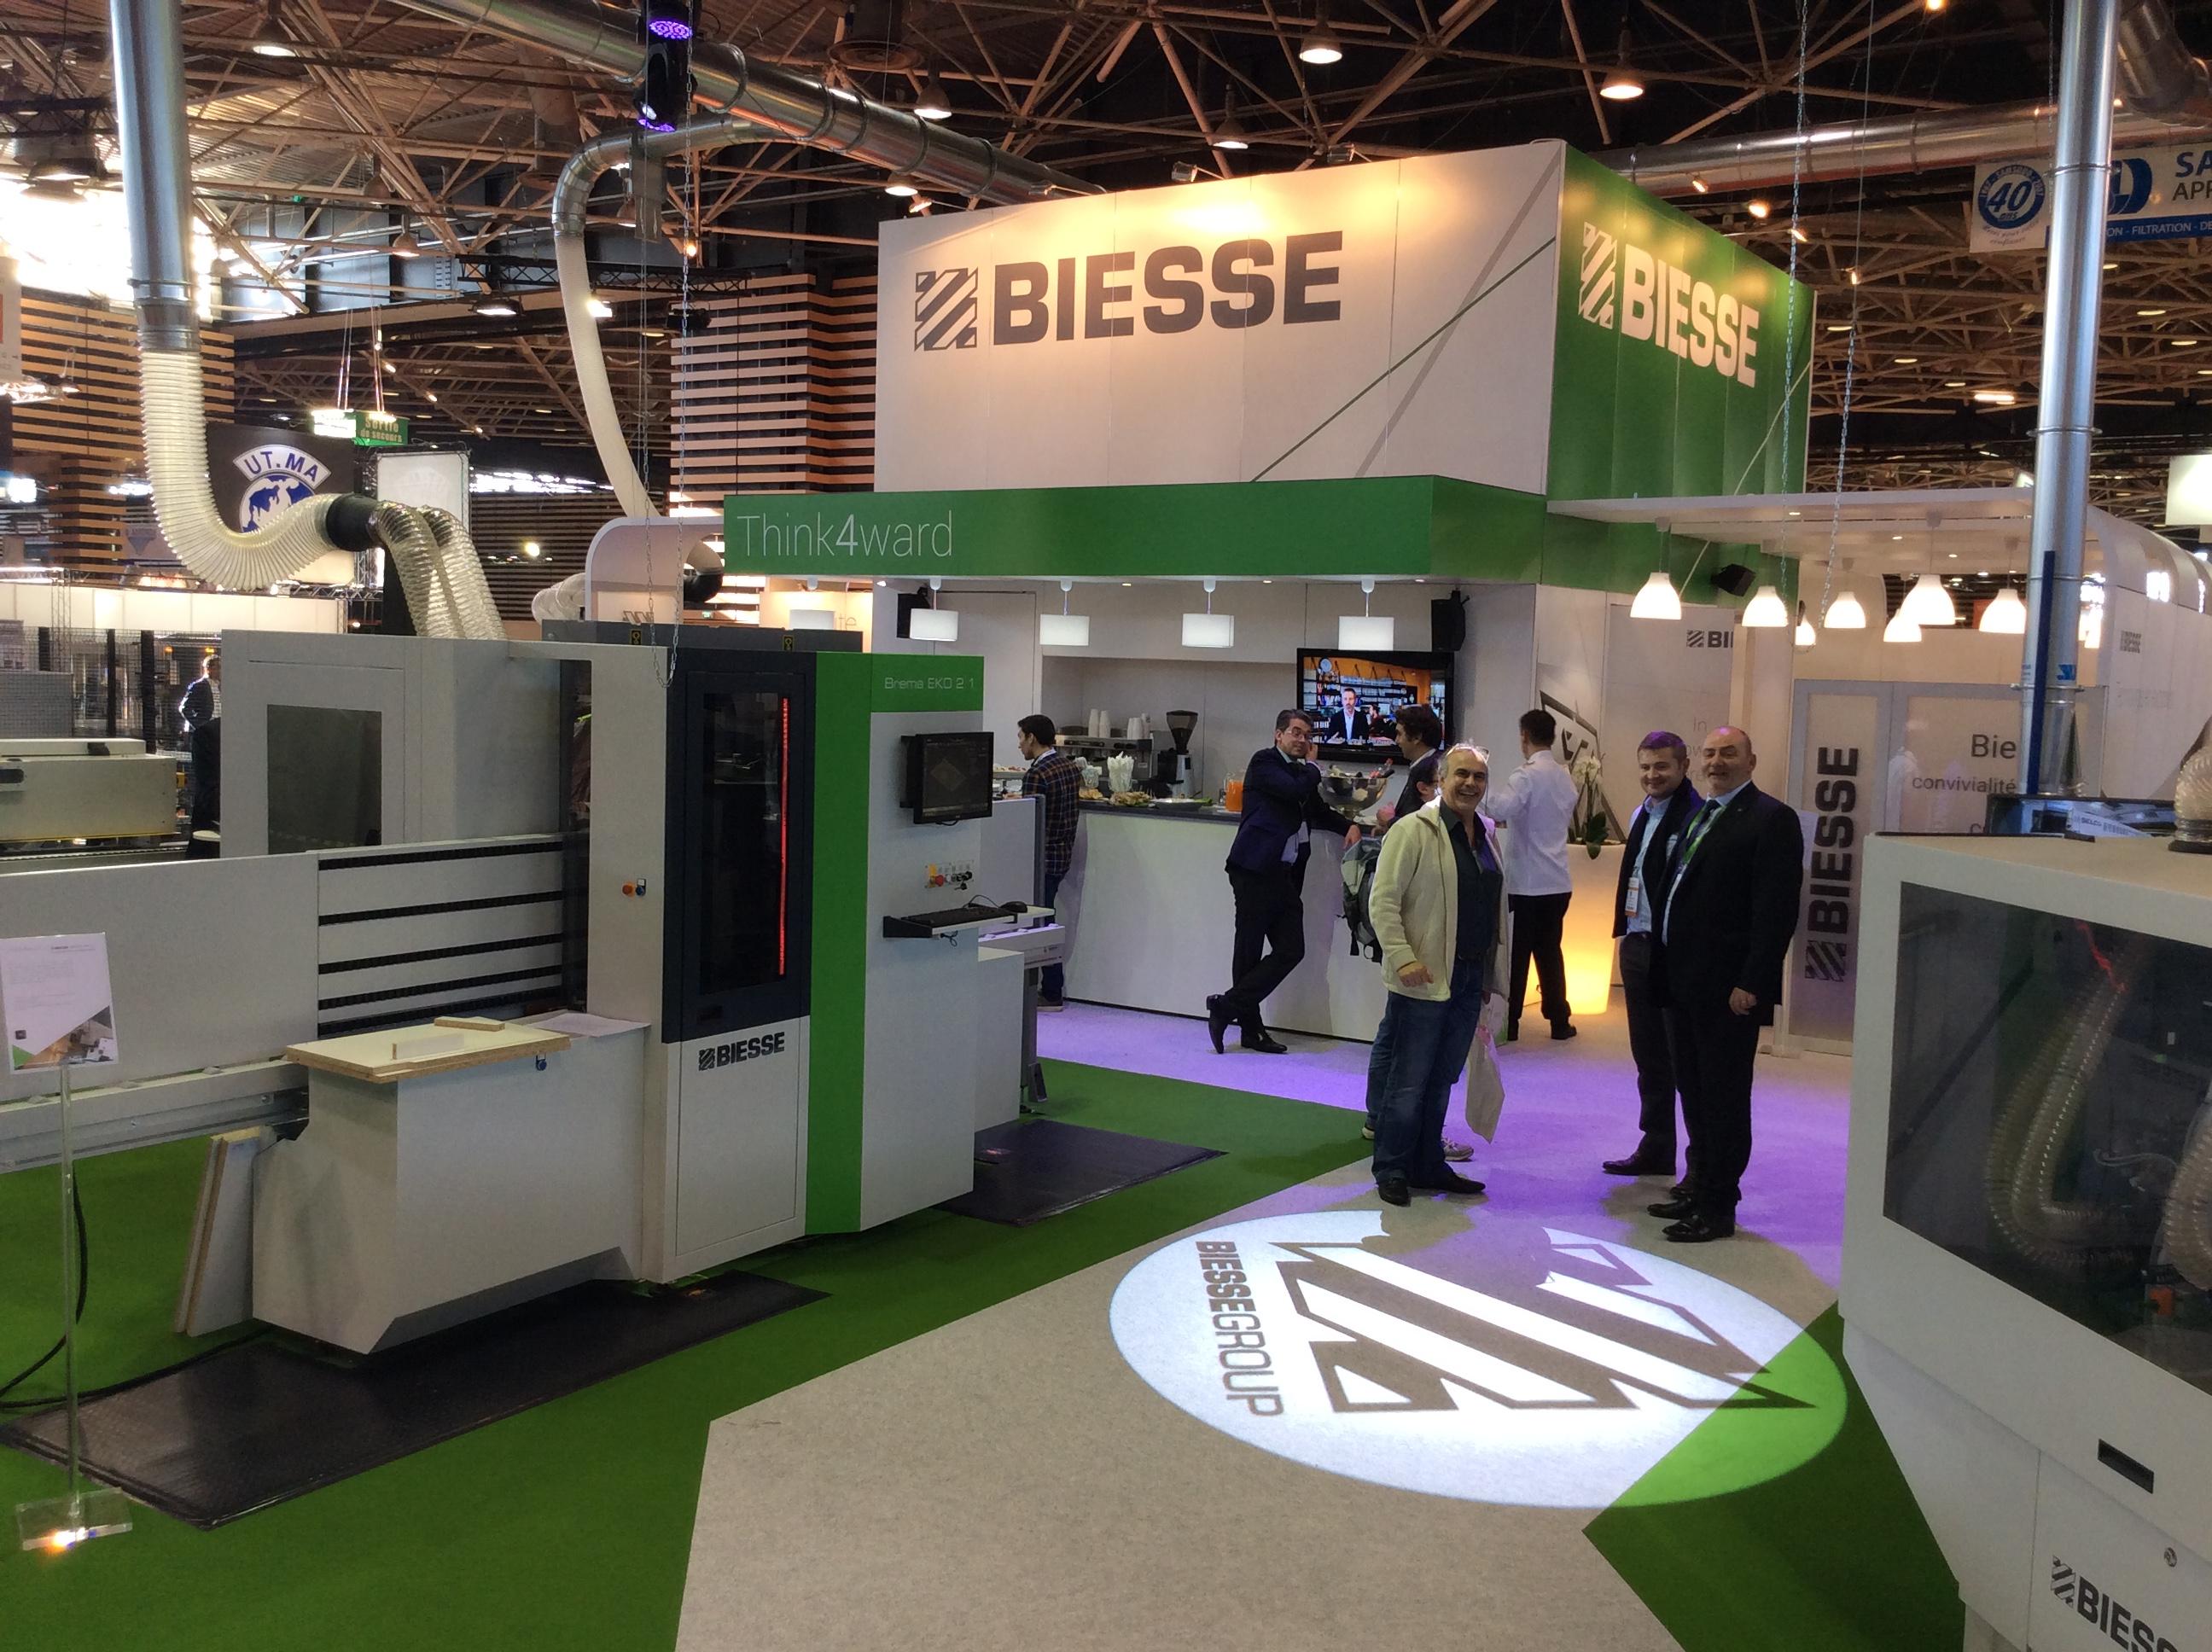 Les technologies innovantes Biesse s'exposent au salon Eurobois 2018